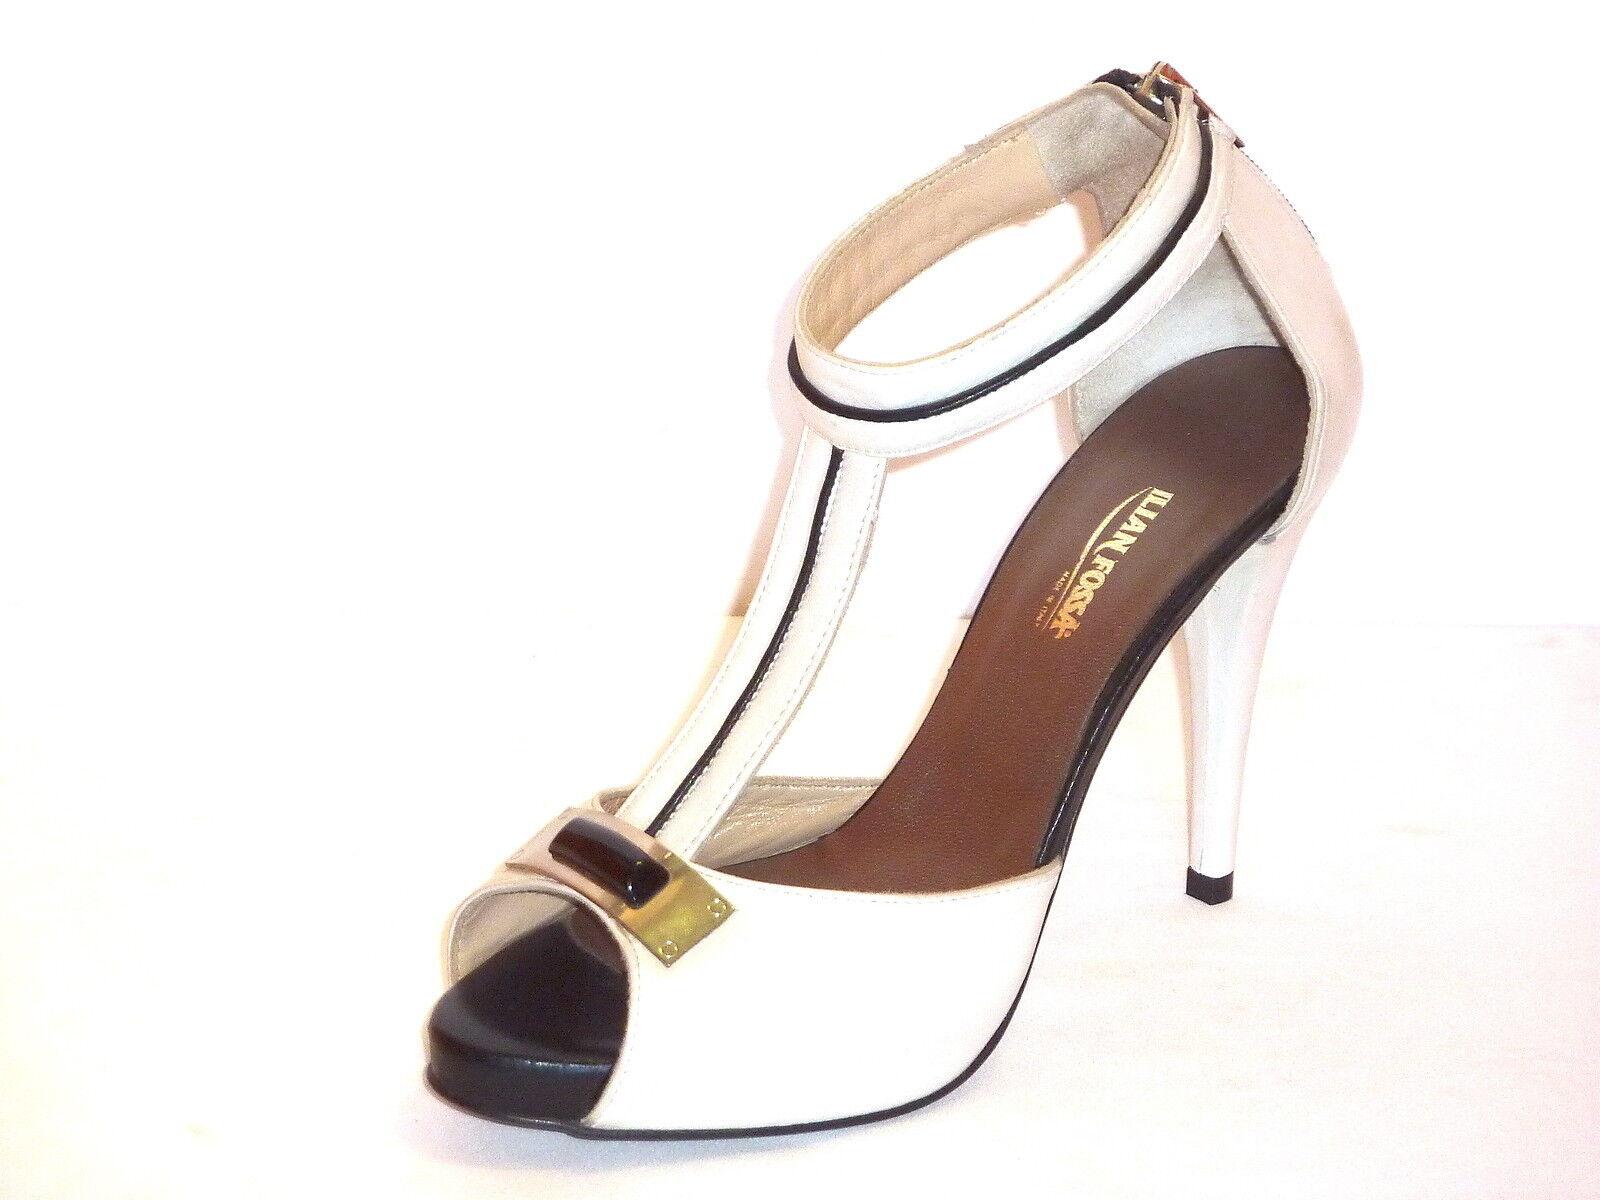 SANDALI mujer mujer mujer IN PELLE zapatos DECOLLETE TACCO ALTO PLATEAU ILIAN FOSSA' 36  Precio al por mayor y calidad confiable.